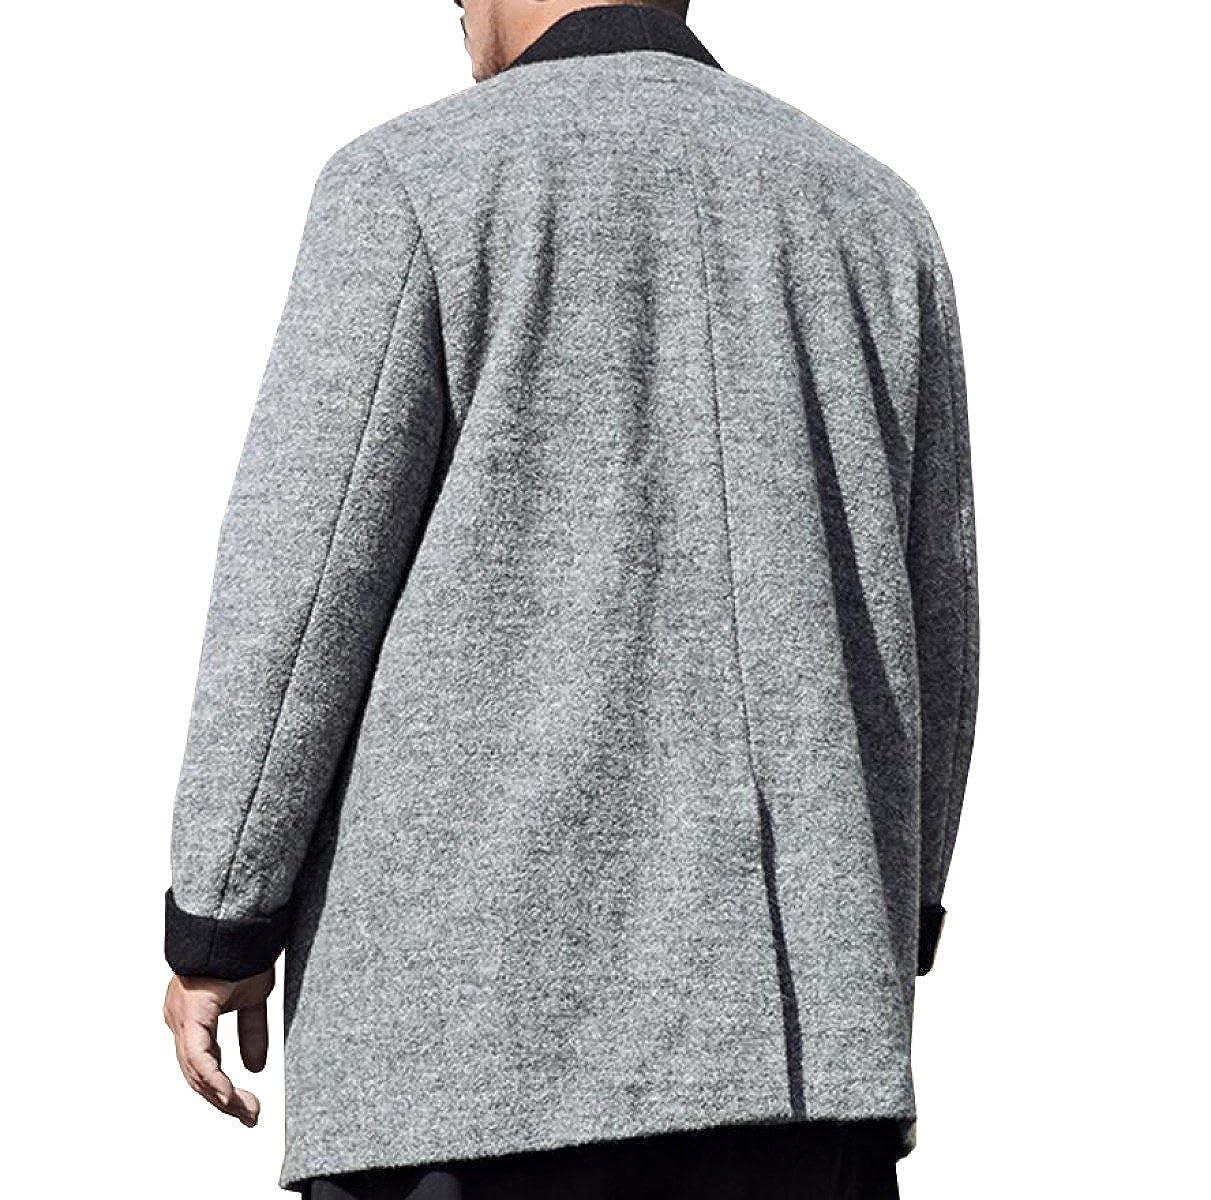 PFSYR Manteau en Laine pour Hommes en Gros Manteau en Laine